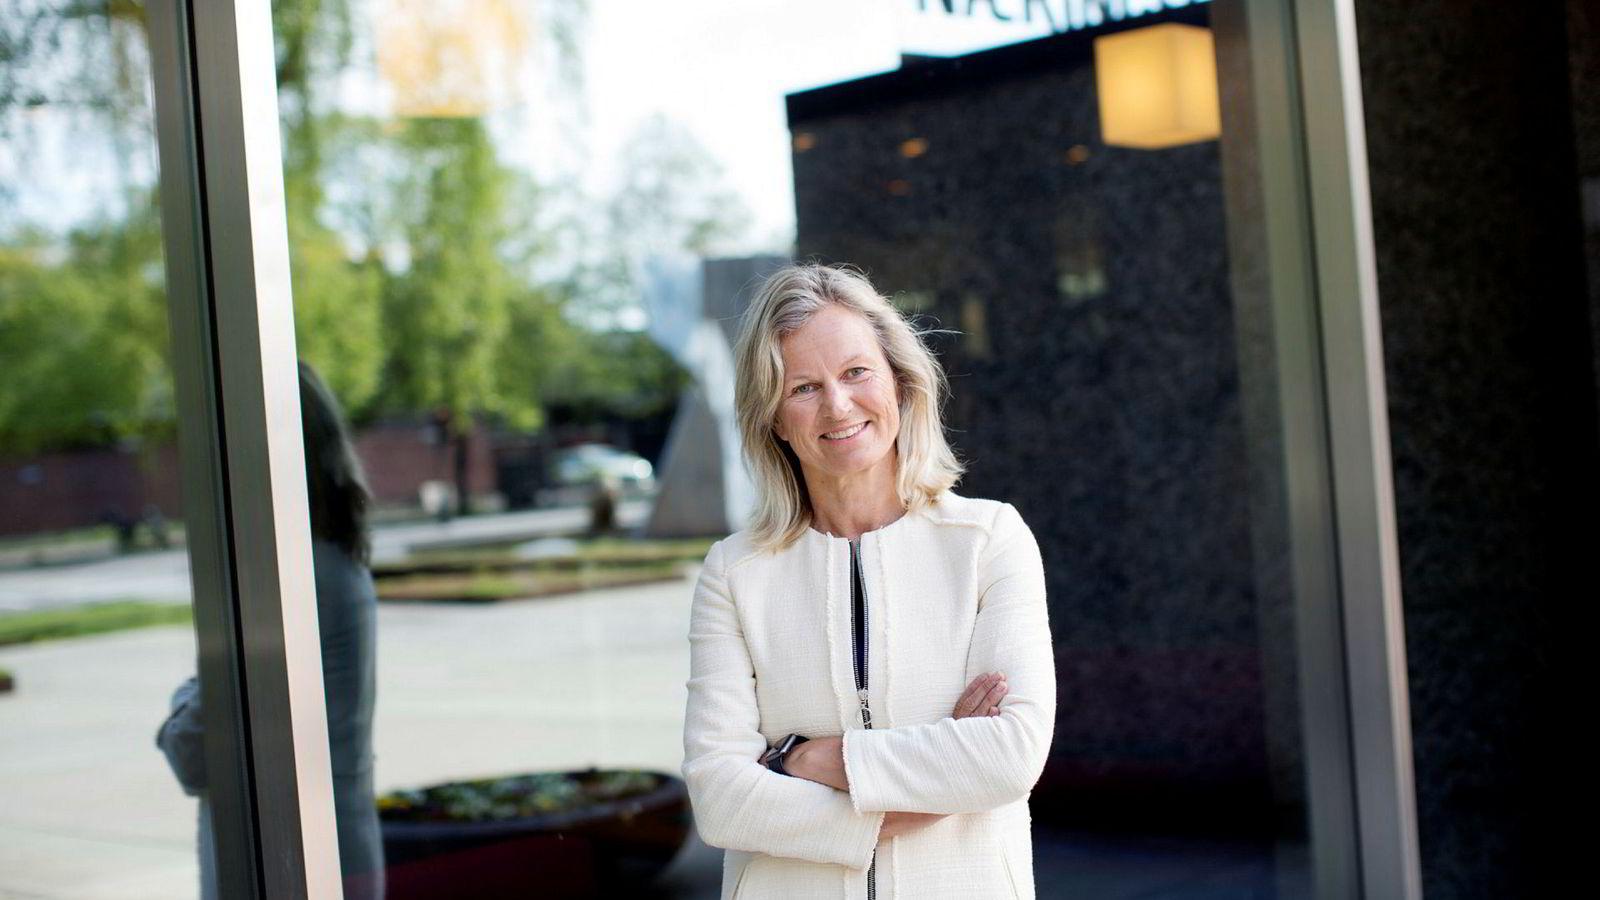 Administrerende direktør Kristin Krohn Devold i NHO Reiseliv gjør som mange nordmenn og reiser bort i påsken.